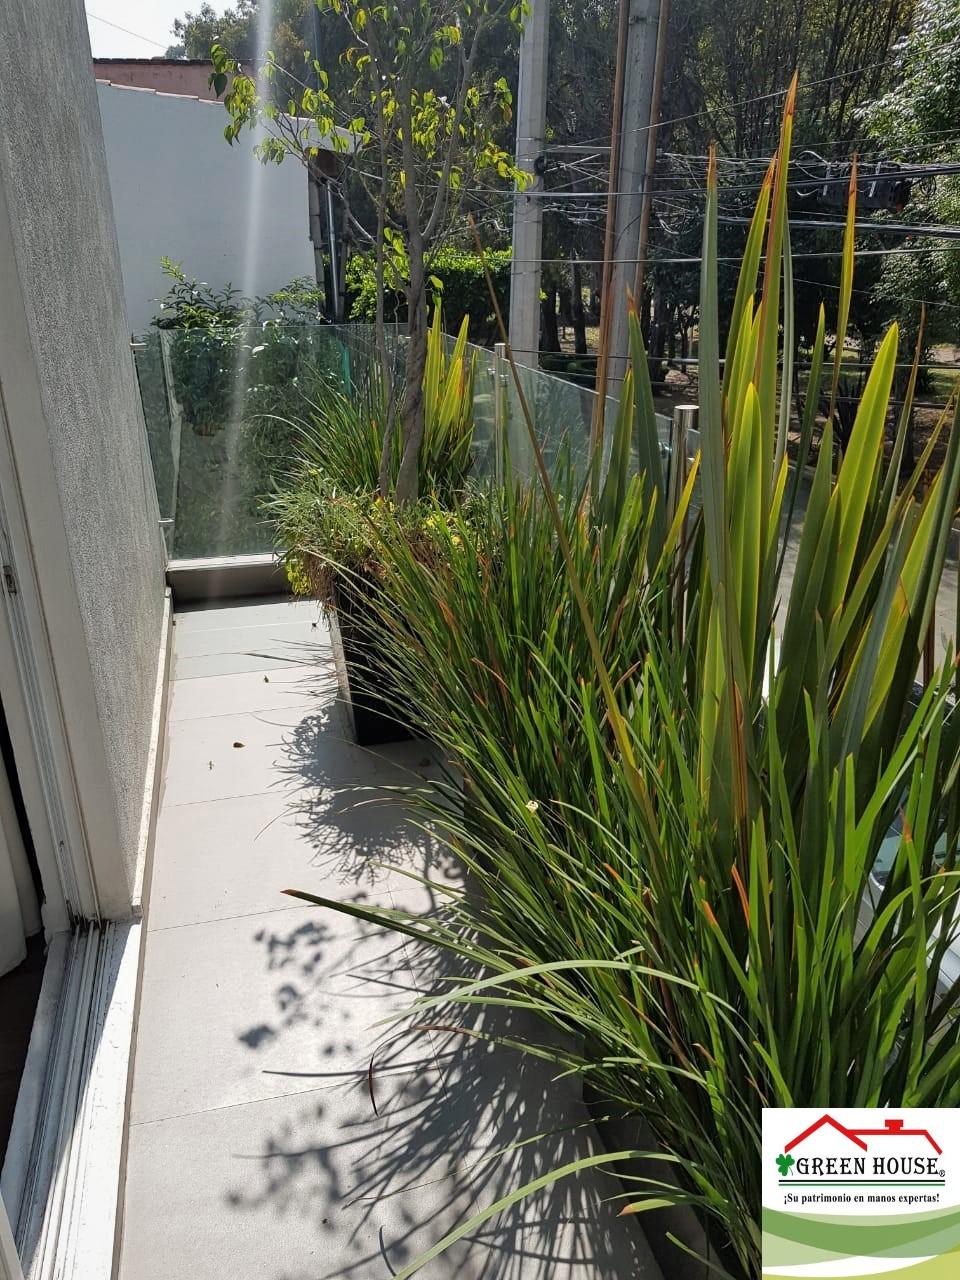 balcon plantas logo